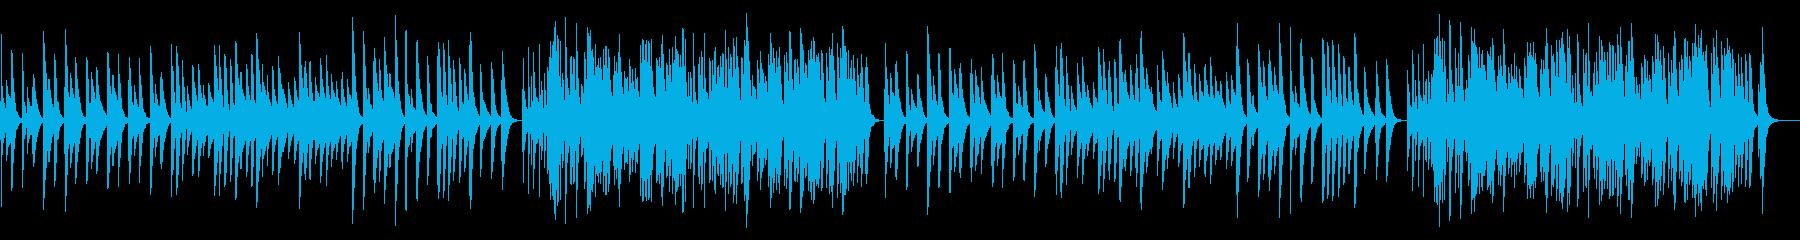 カノン 18弁オルゴールの再生済みの波形